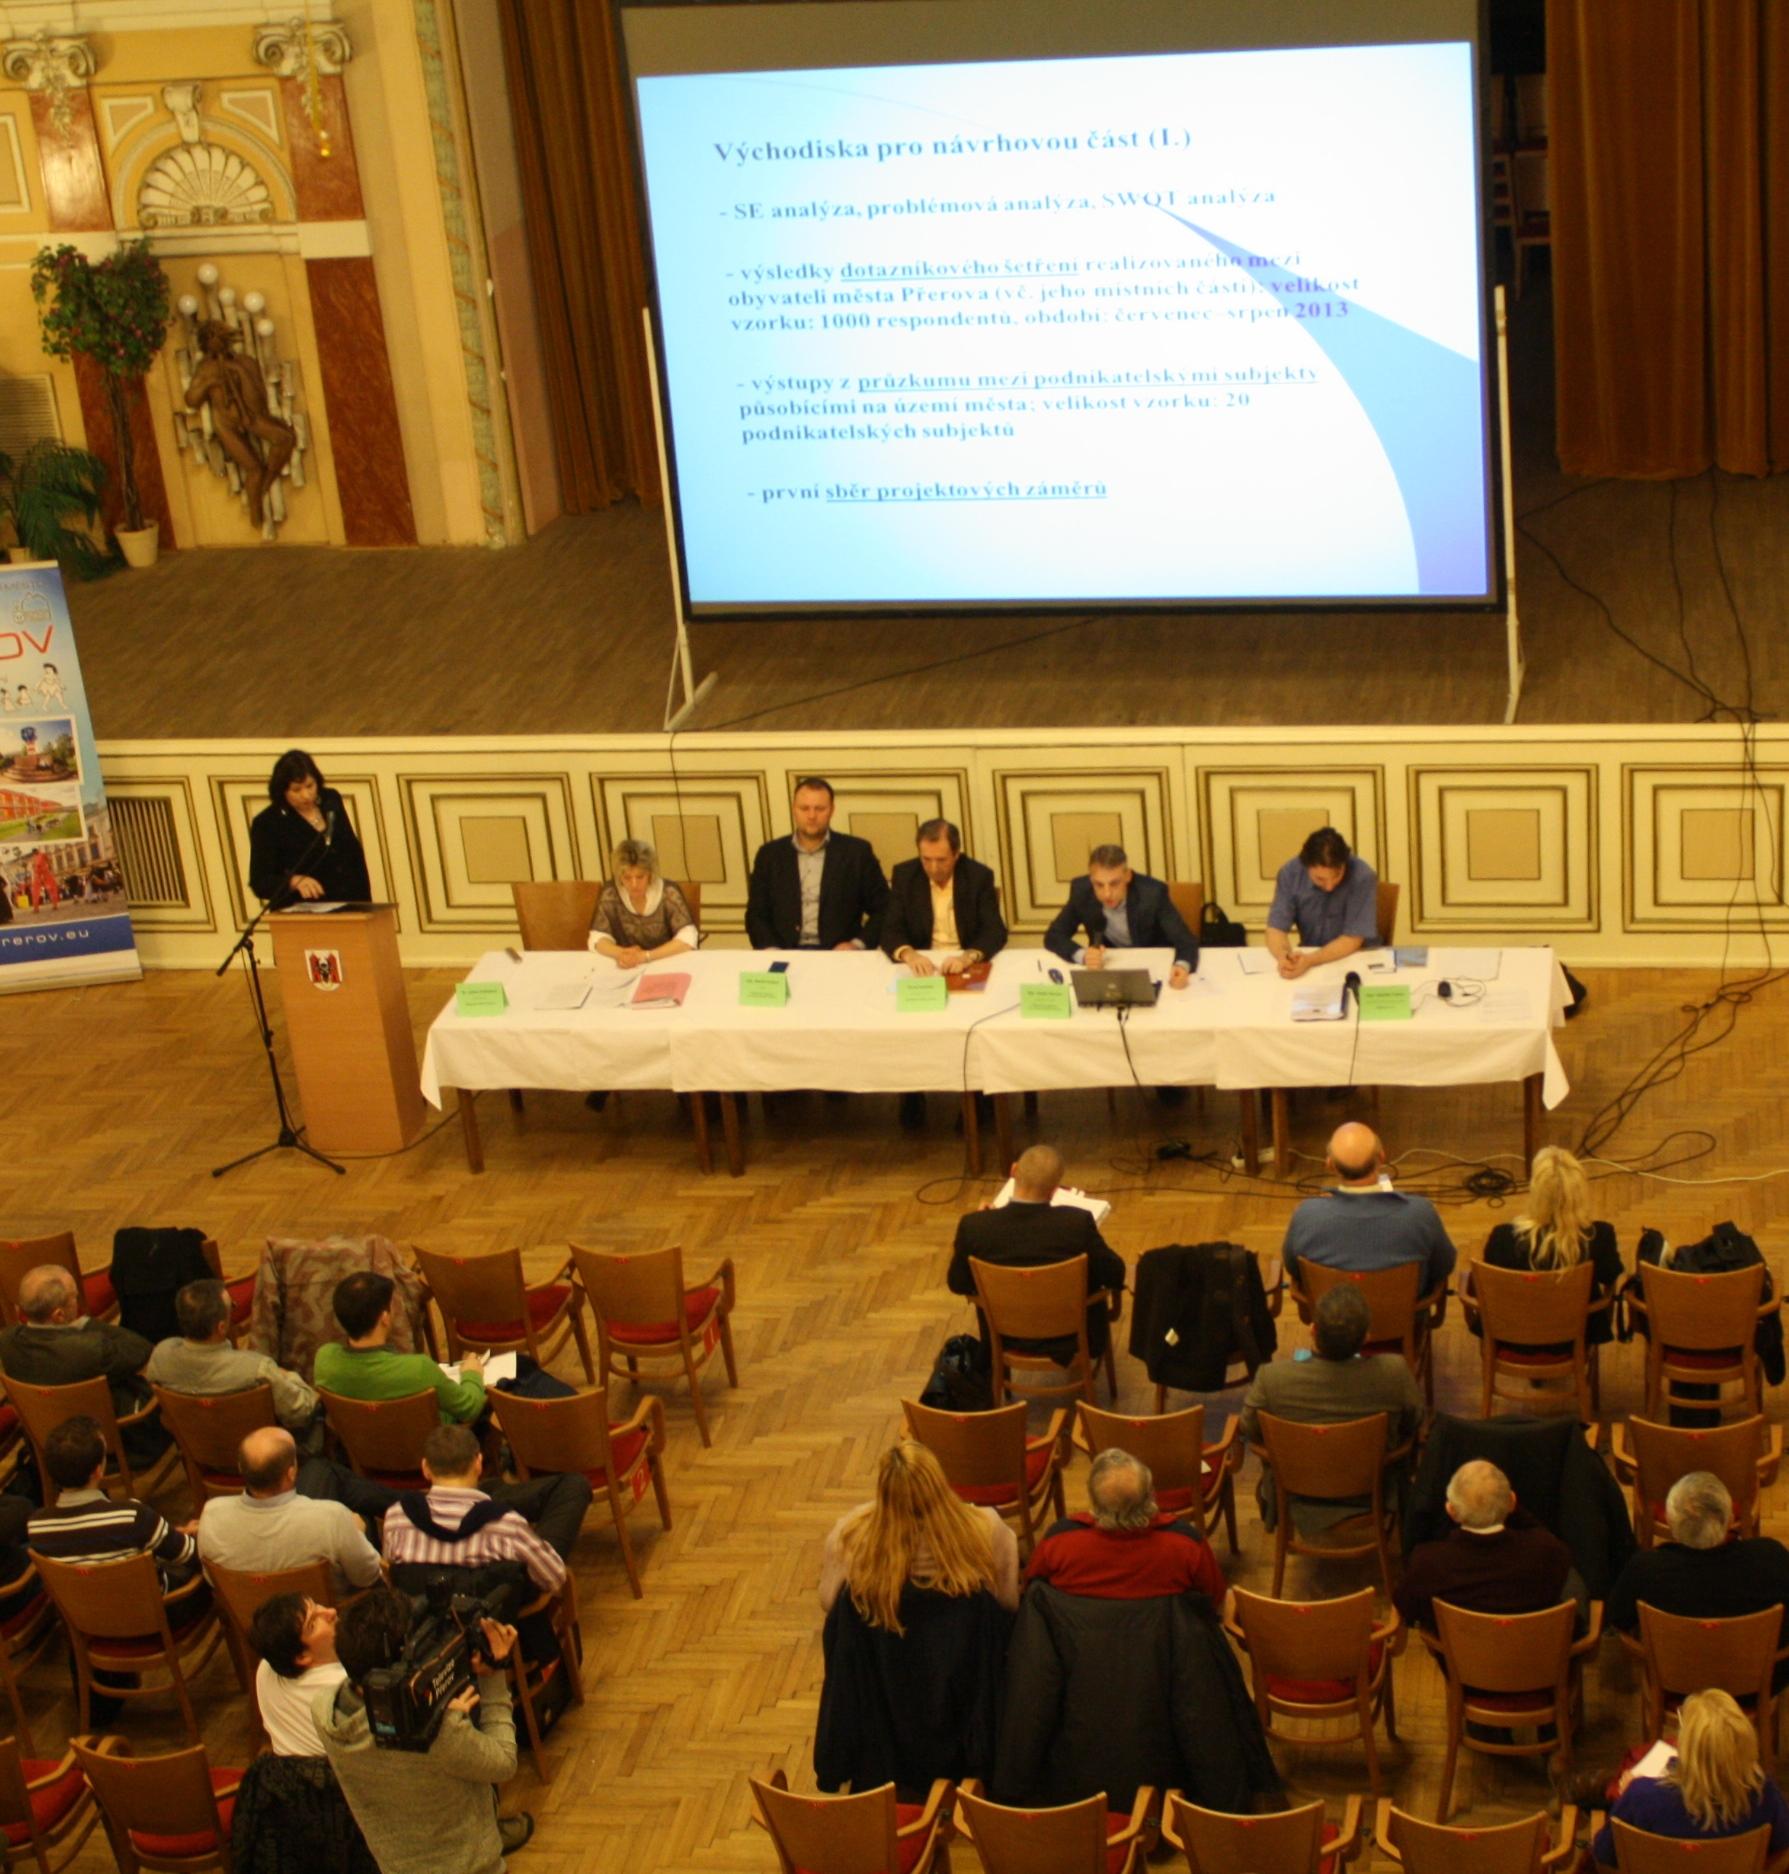 Strategický plán ekonomického a územního rozvoje statutárního města Přerova pro období 2014 - 2020